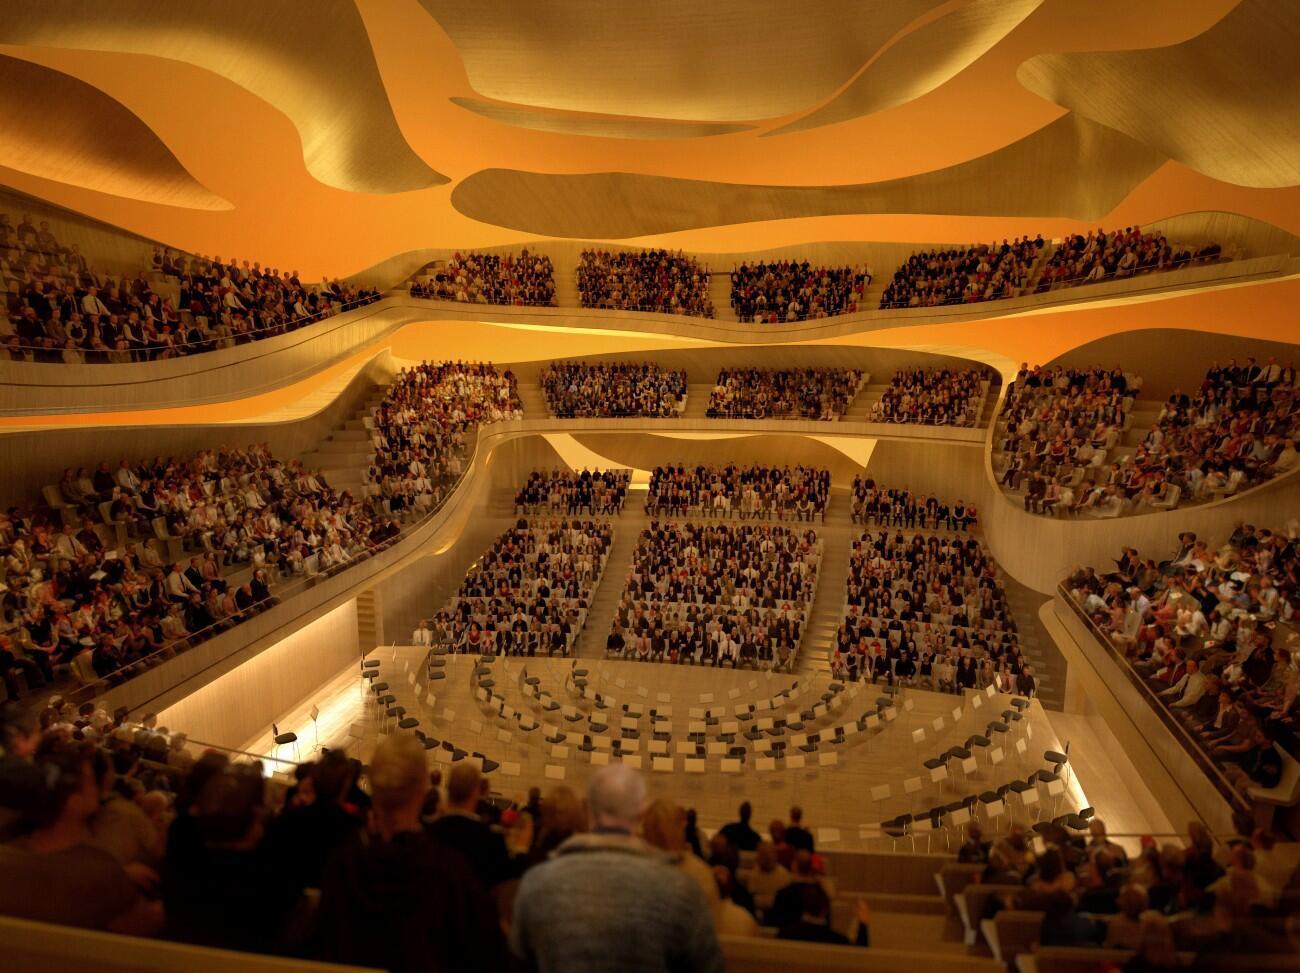 Vista de la gran sala de conciertos de la Philharmonie de París.